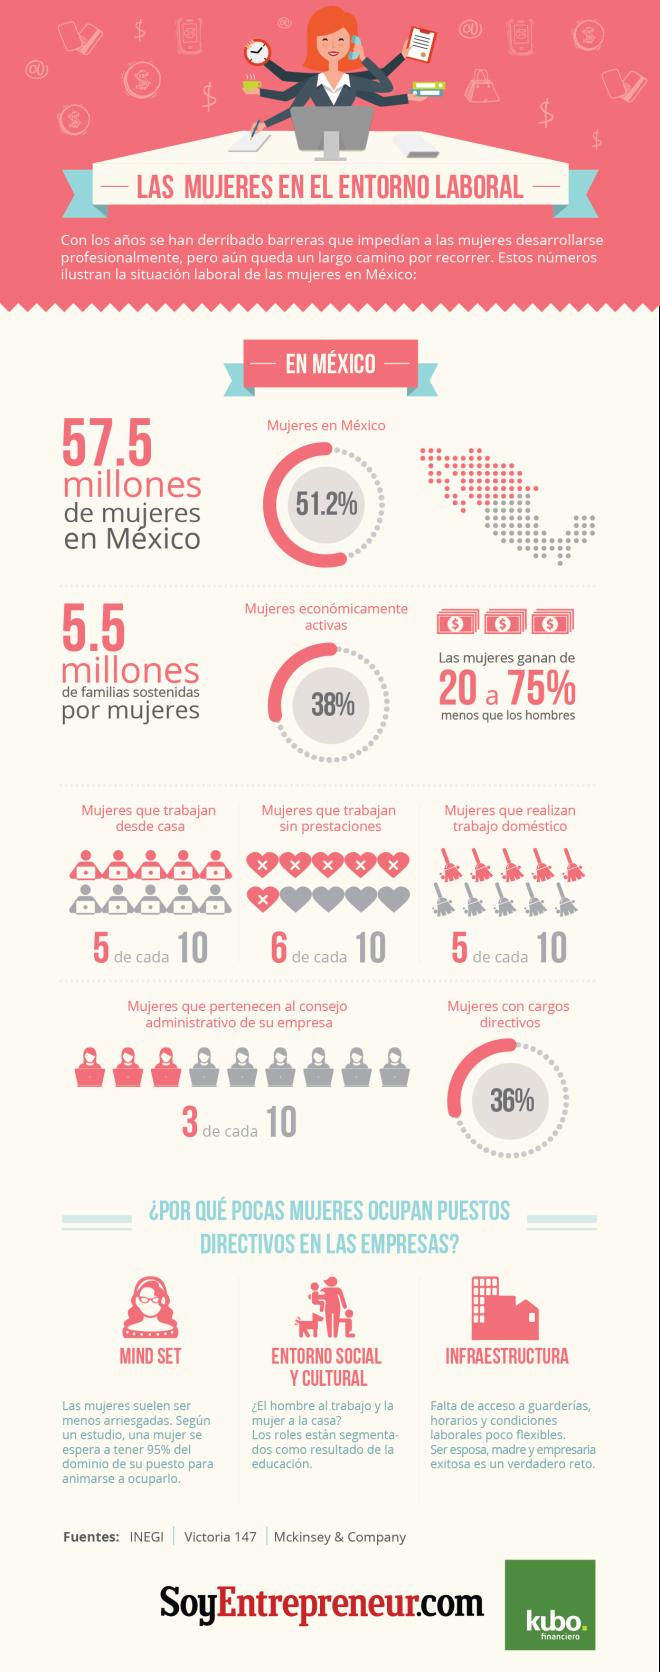 Mujeres en el entono laboral (México)